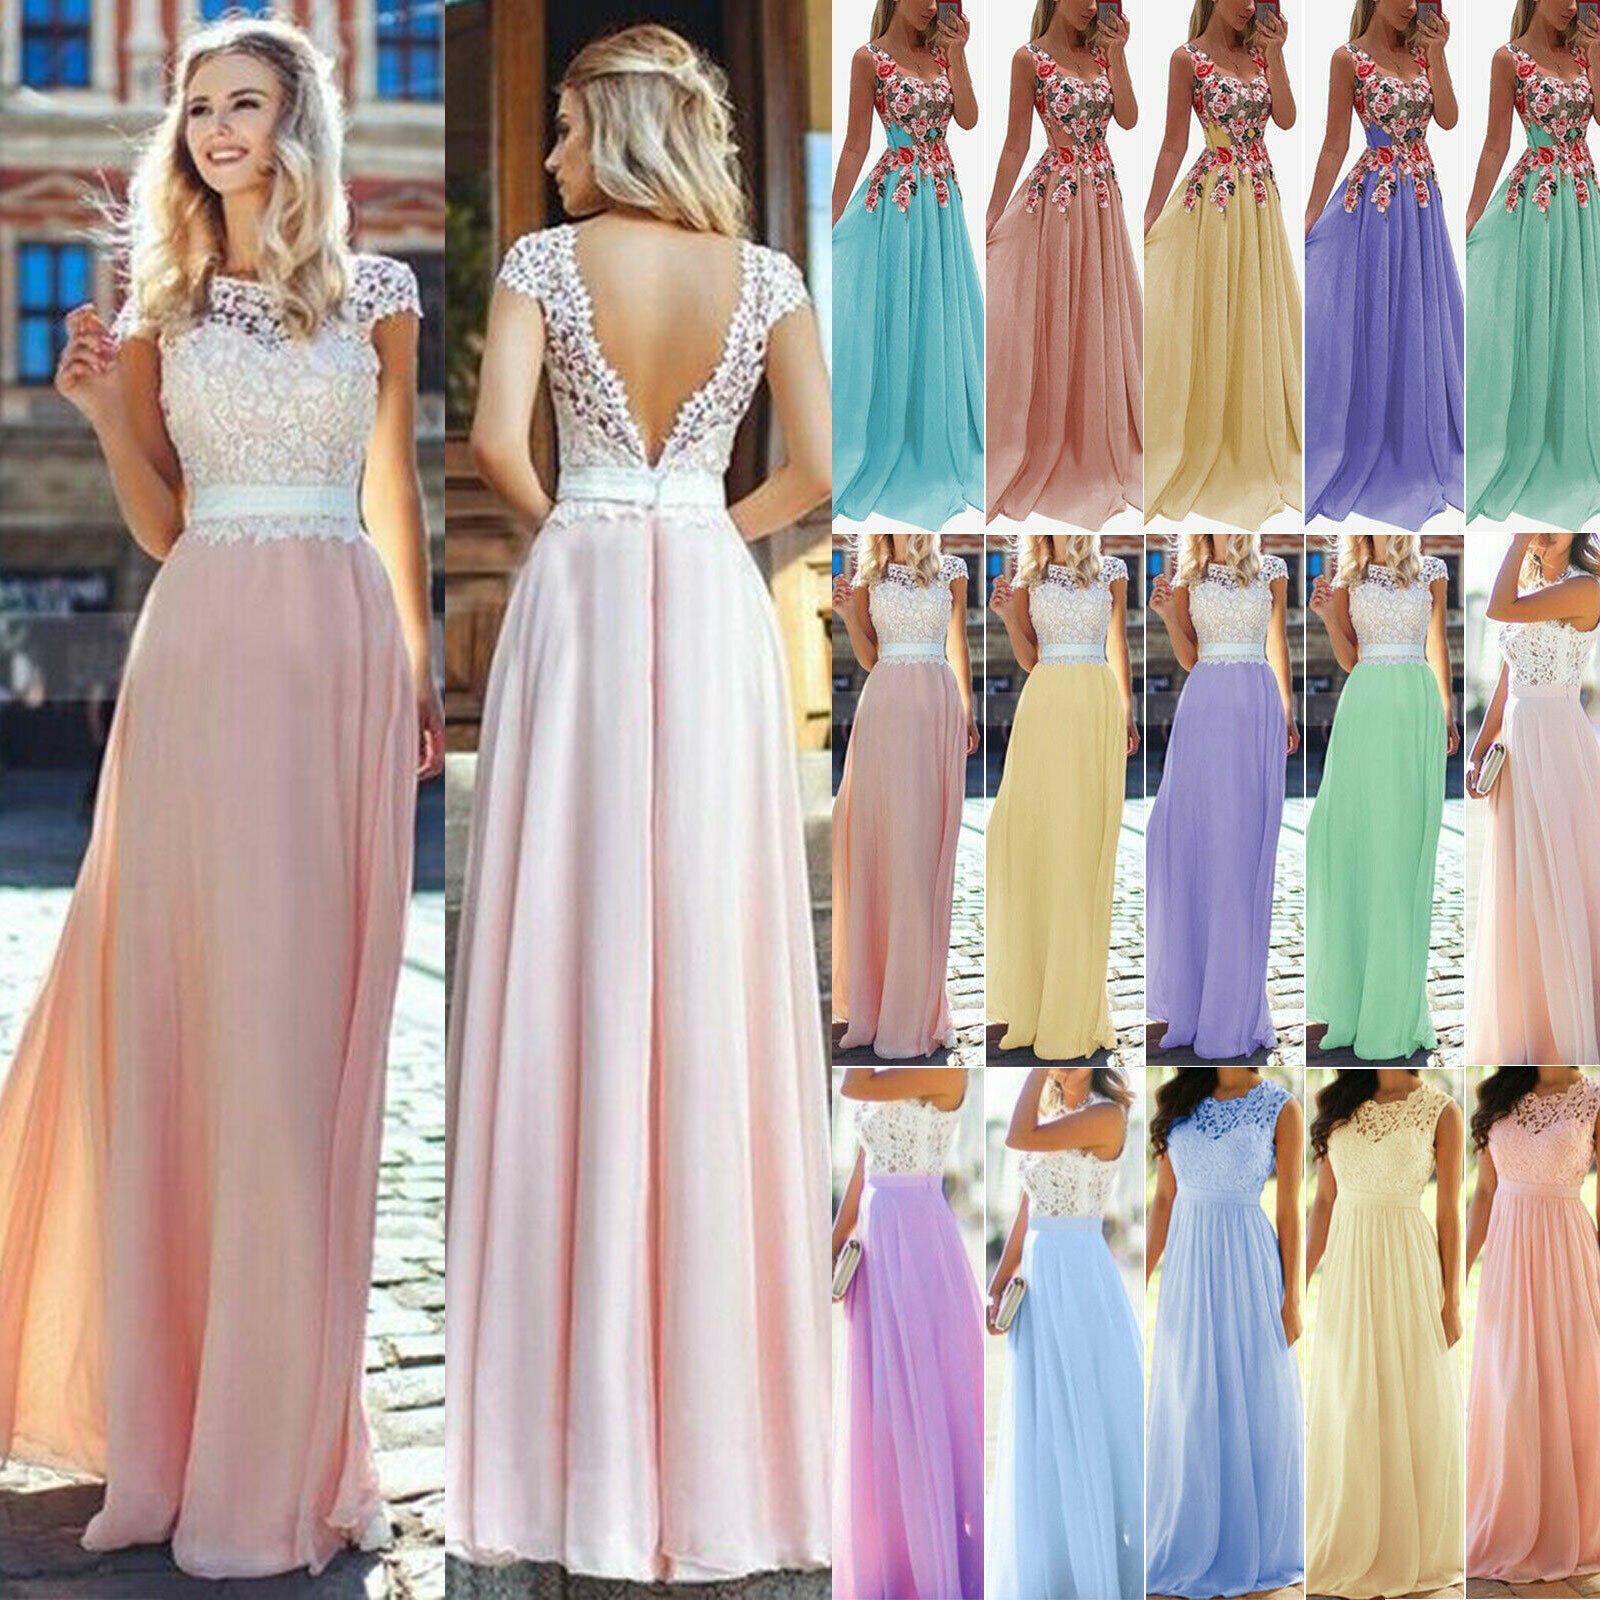 20 Erstaunlich Kleid Pink Hochzeit BoutiqueDesigner Spektakulär Kleid Pink Hochzeit Ärmel